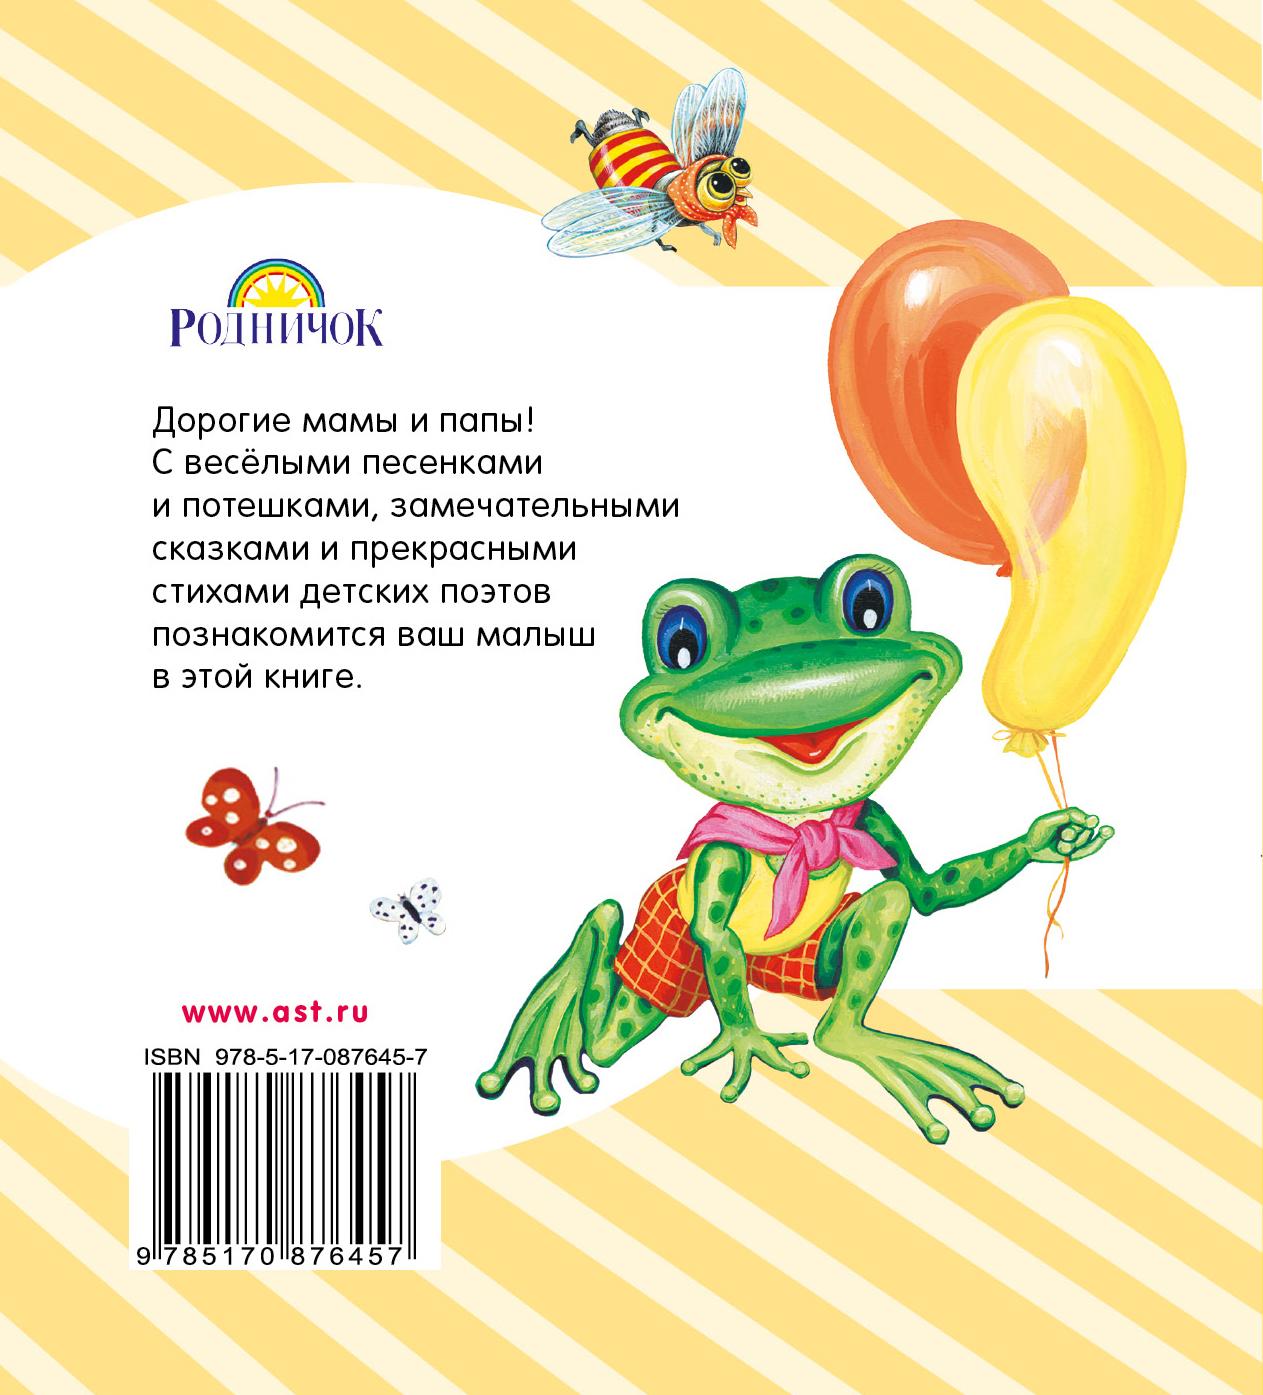 бюджетной детские стихи от 2 3 лет новостройки улице